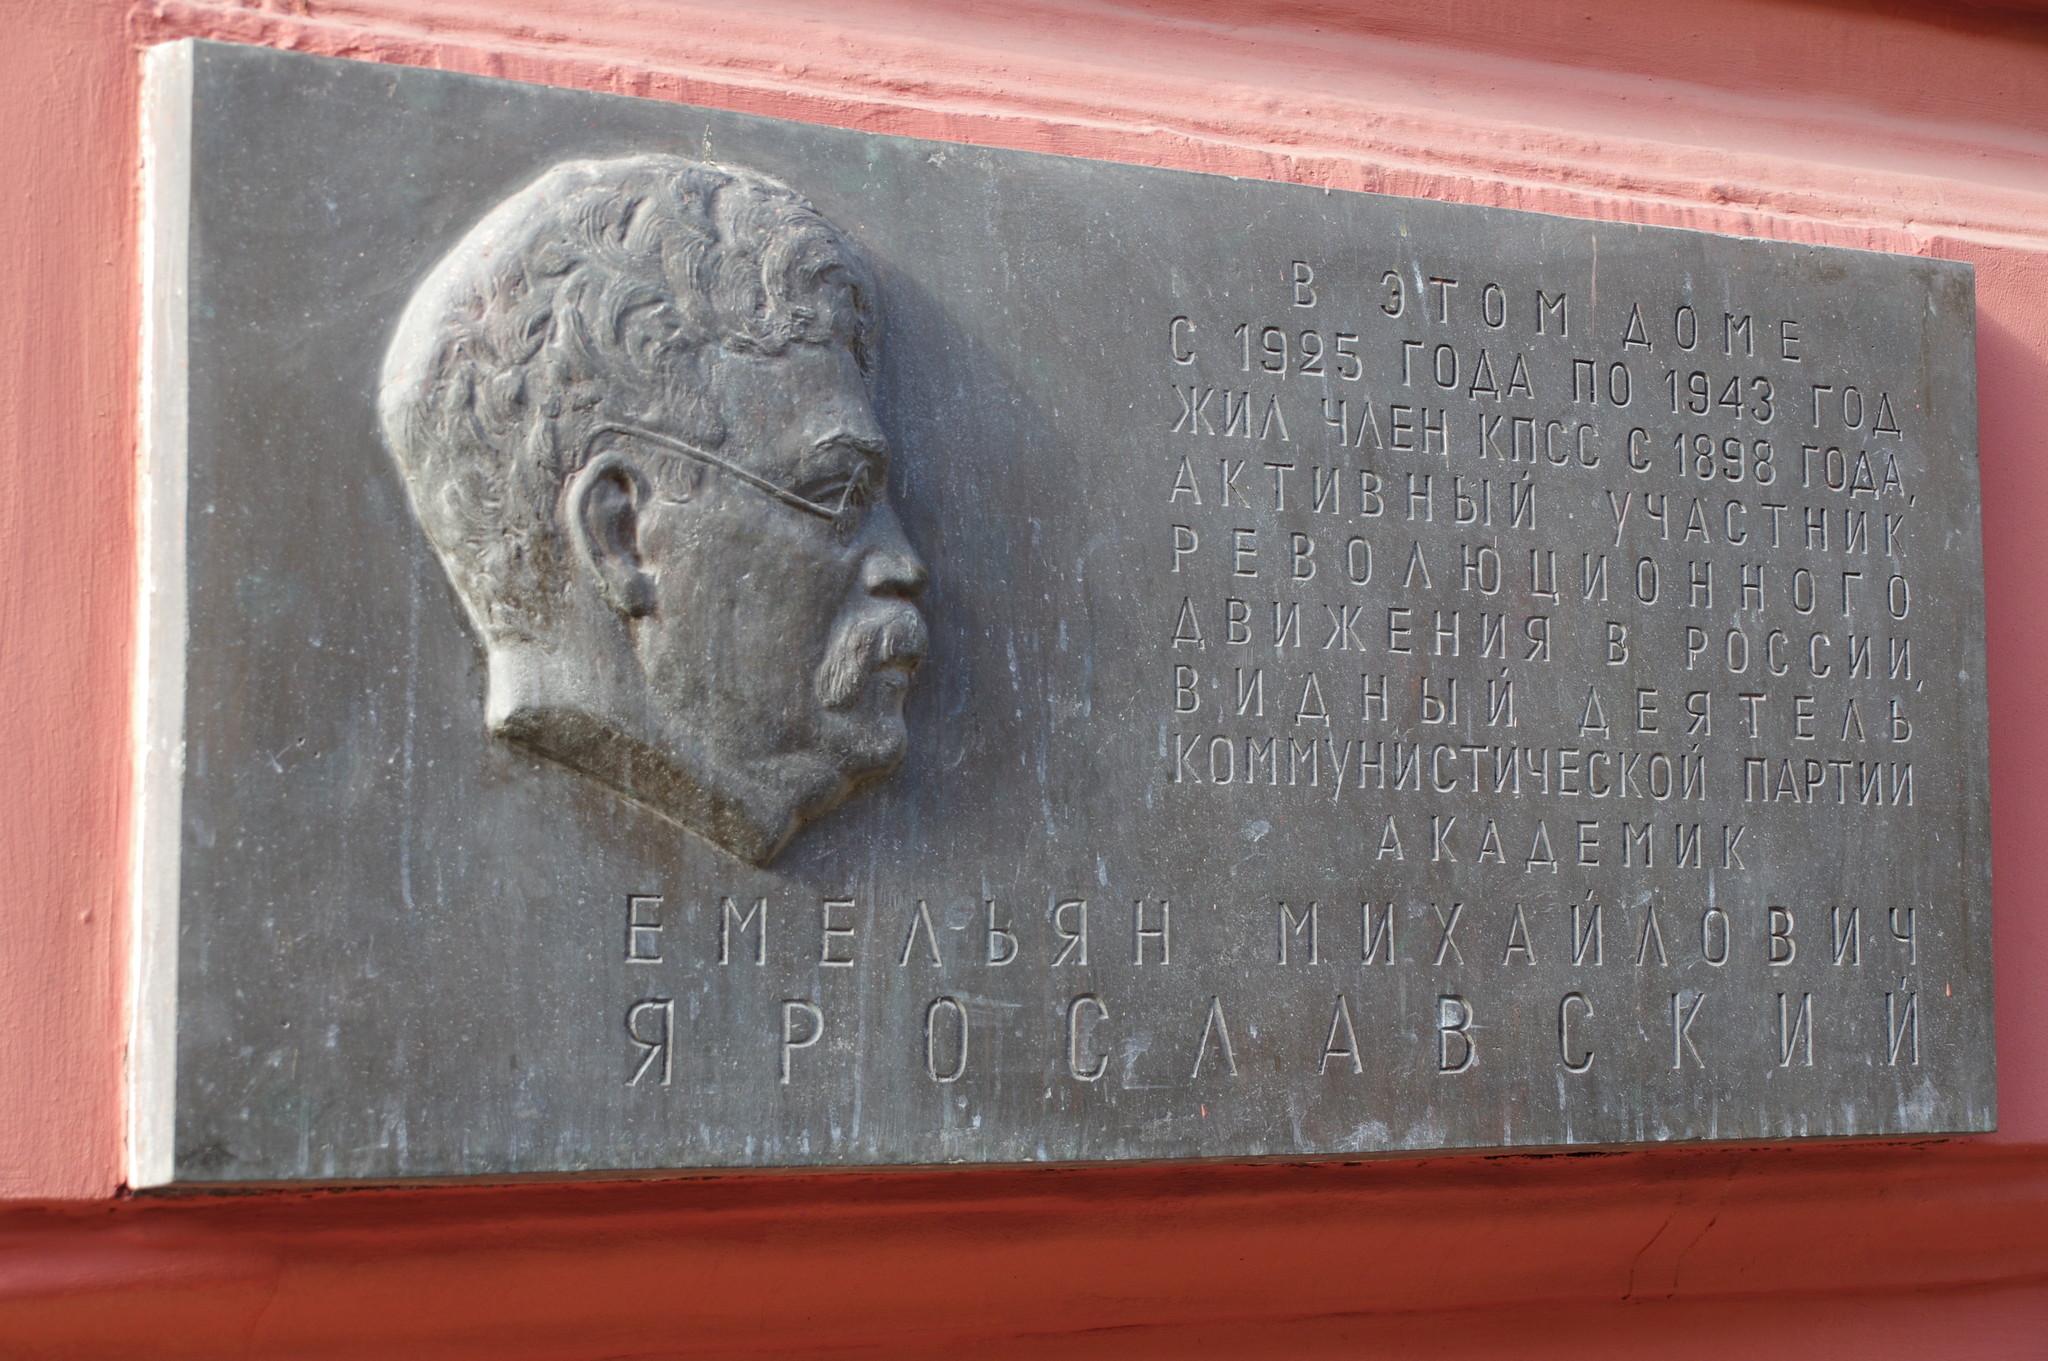 Мемориальная доска на доме № 3 по Романову переулку, в котором с 1925 года по 1943 год жил Емельян Михайлович Ярославский